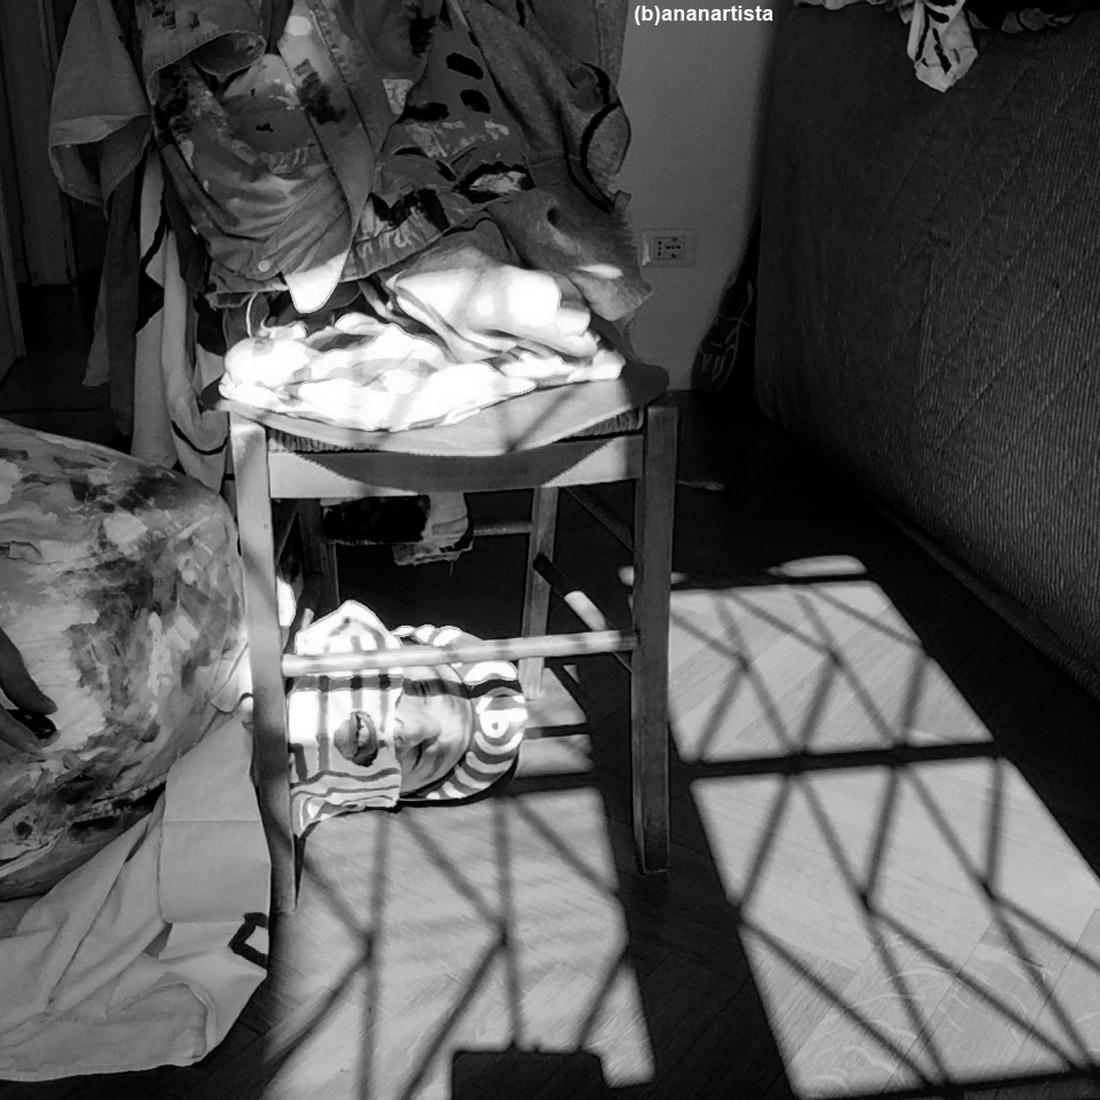 autoritratto: fotografia e performance di (b)ananartista sbuff